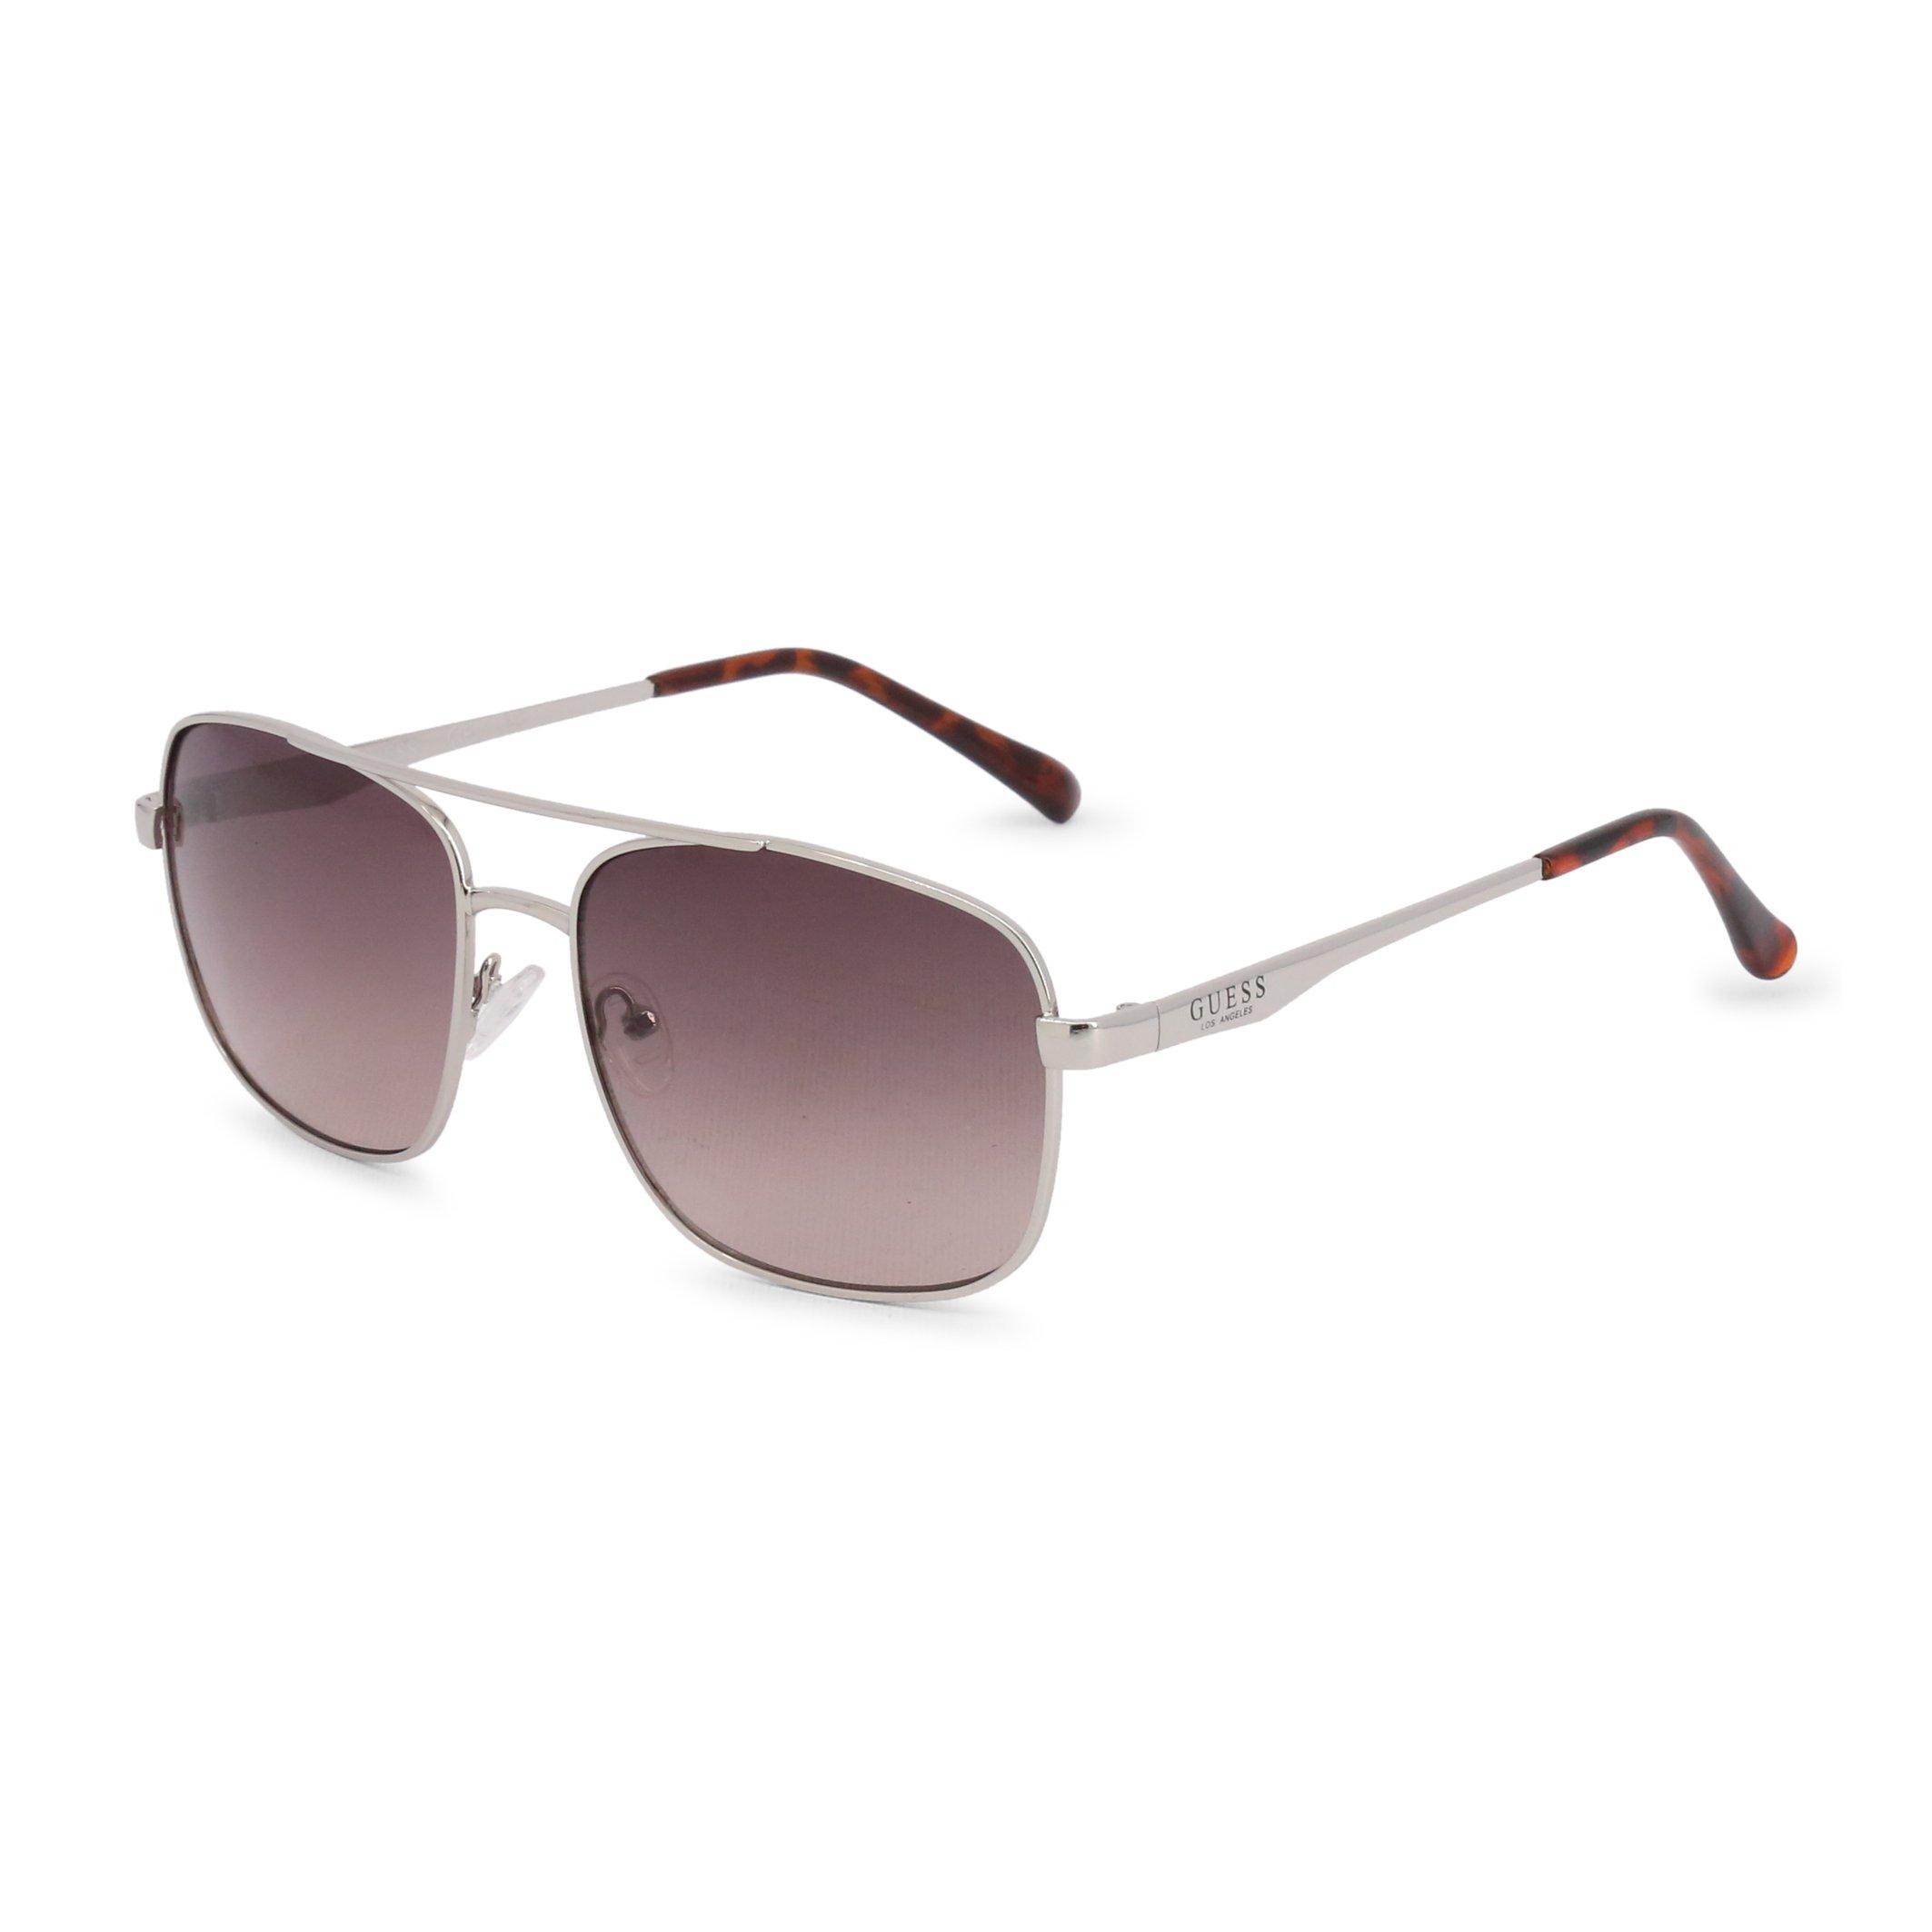 Guess Men's Sunglasses Various Colours GF0211 - grey-1 NOSIZE